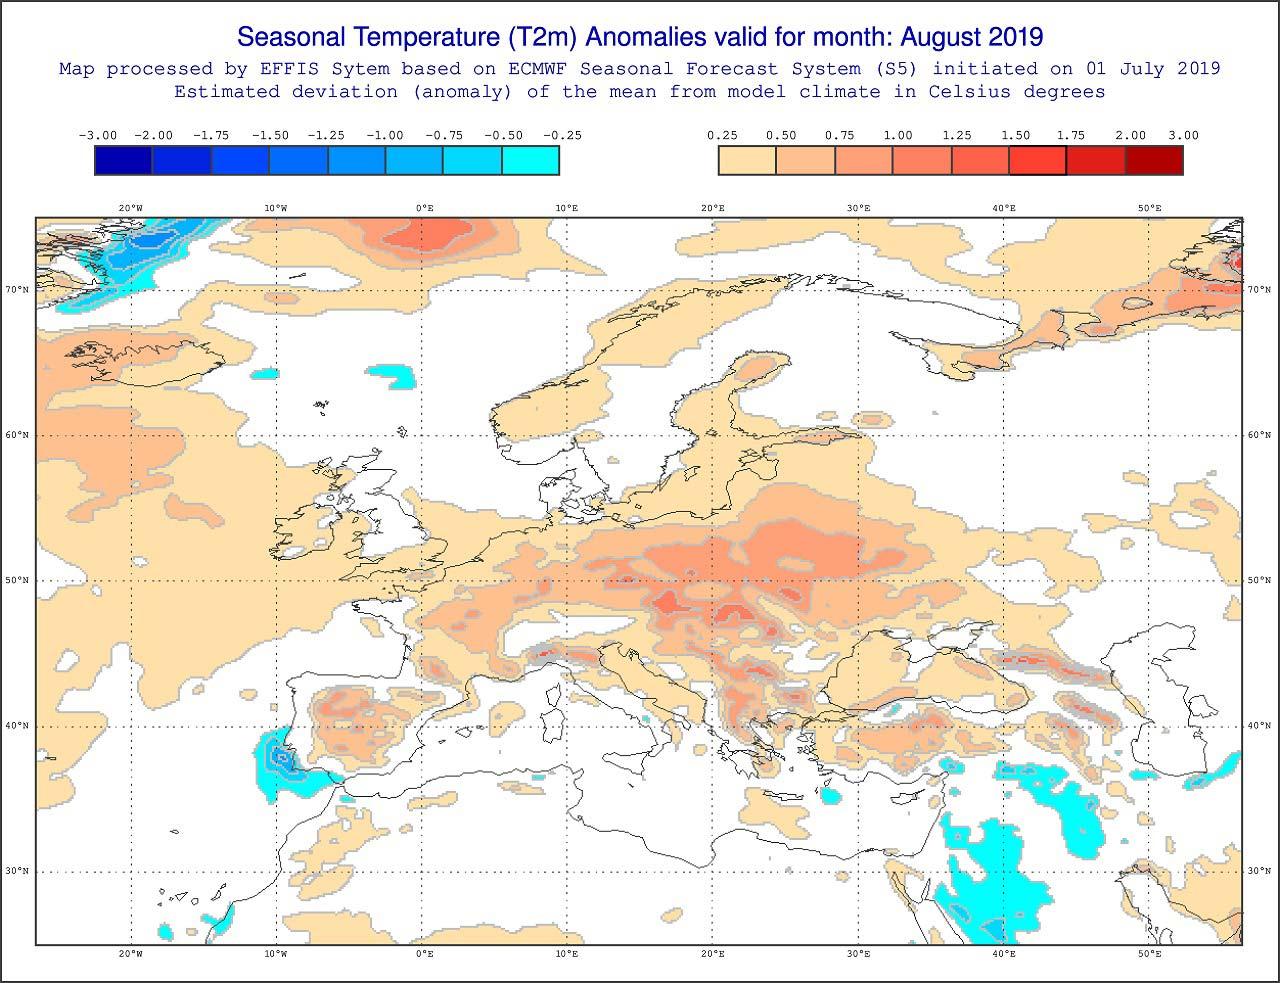 Pagina Calendario Agosto 2019.Previsioni Meteo Agosto 2019 Tendenza Temperature E Piogge